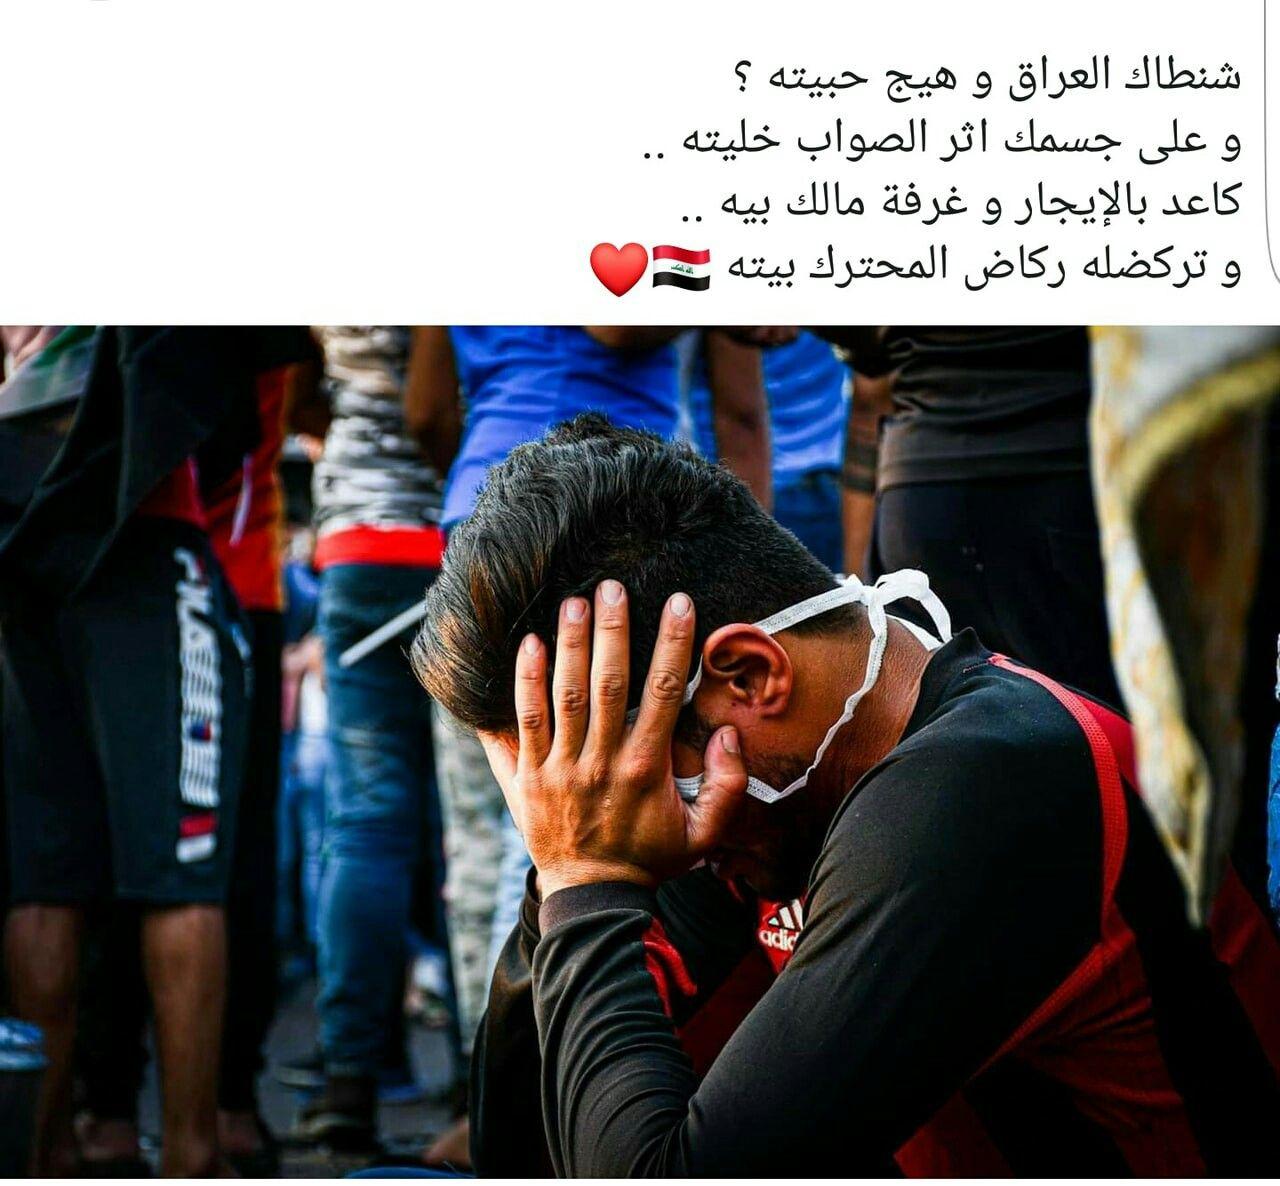 Pin By جمهورية البشير الديمقراطية On خواطر اقتباسات Iraqi People Beautiful Arabic Words Islamic Love Quotes